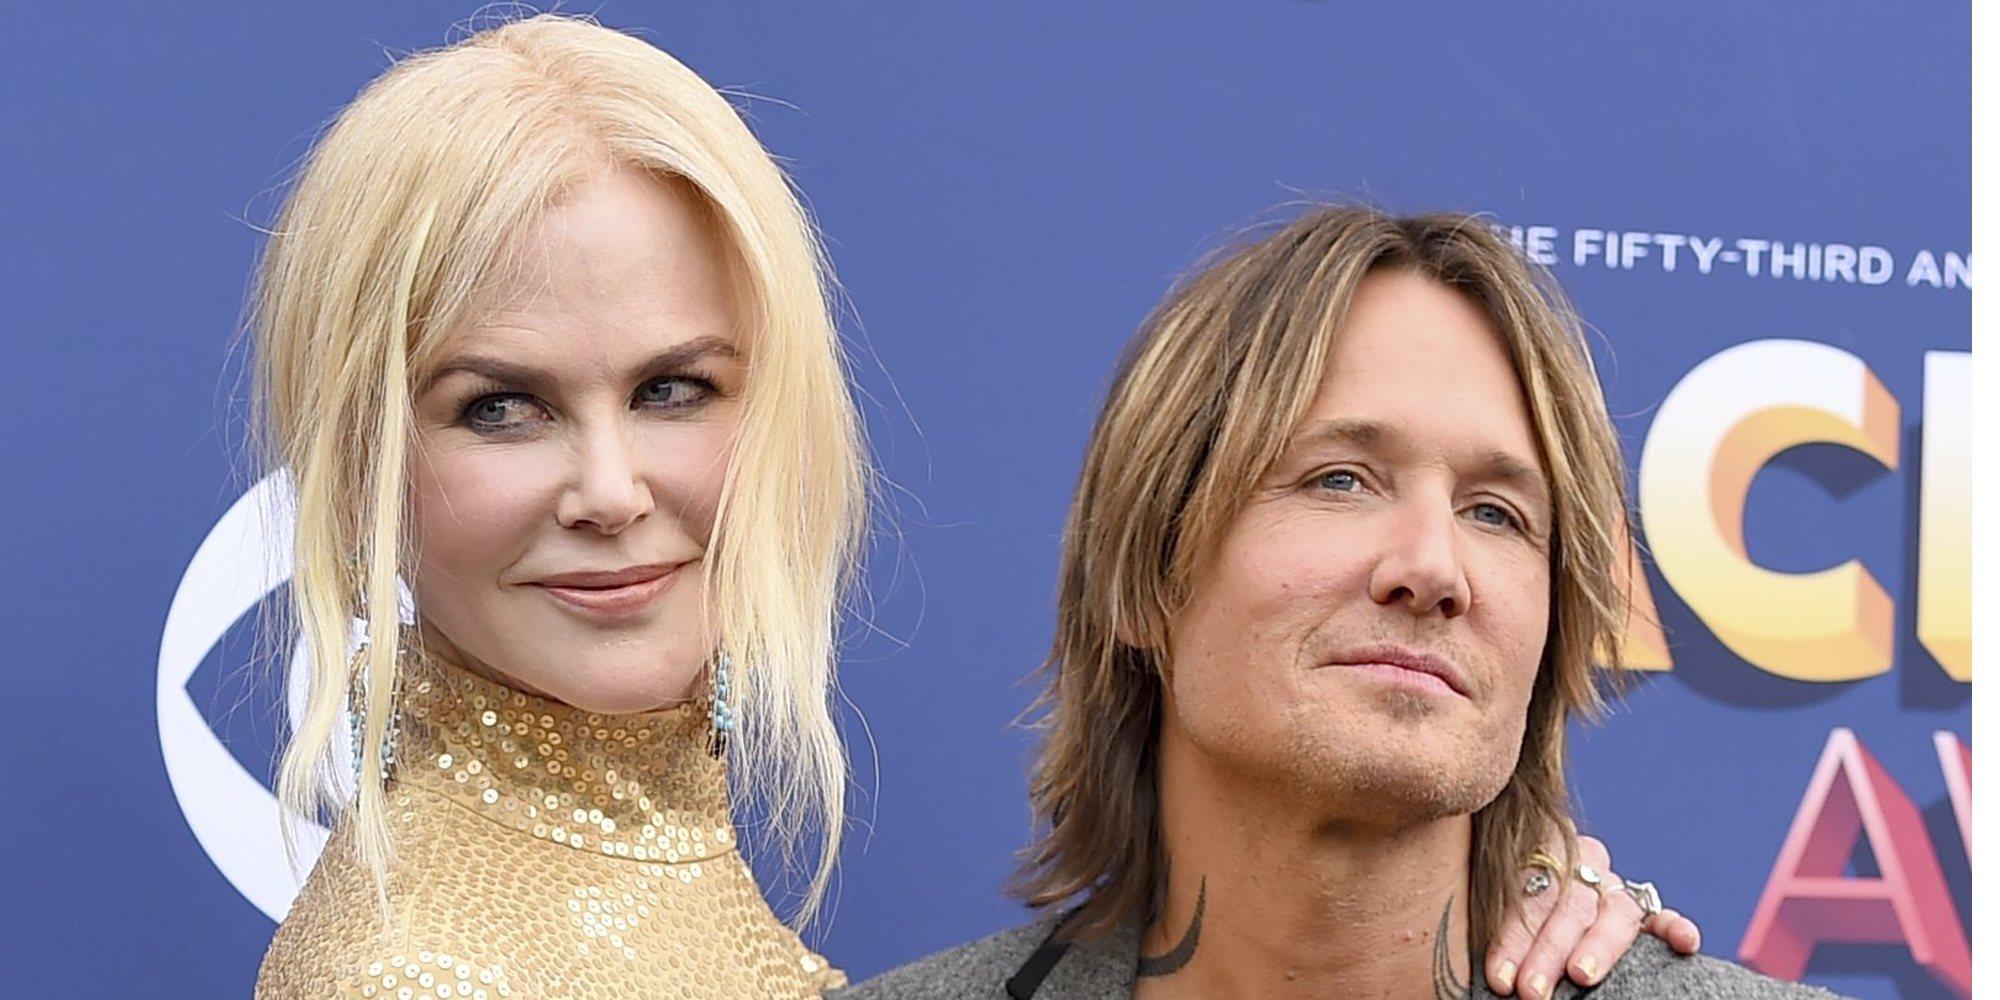 El motivo por el que Nicole Kidman no acompañó a Keith Urban a los Premios Grammy 2020